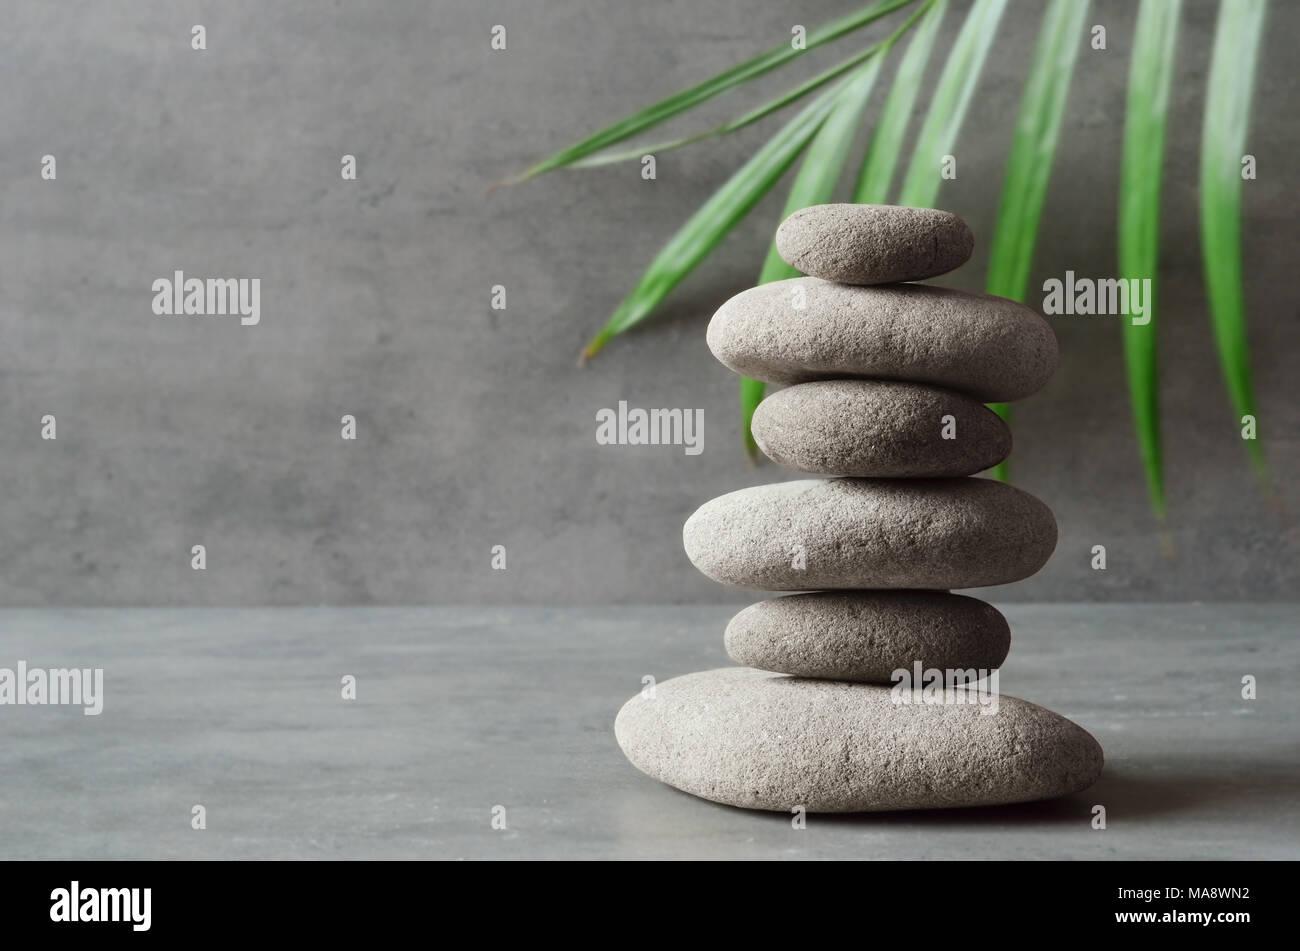 Steine und grünen palm leaf Balance. Zen und Spa-Konzept. Stockbild